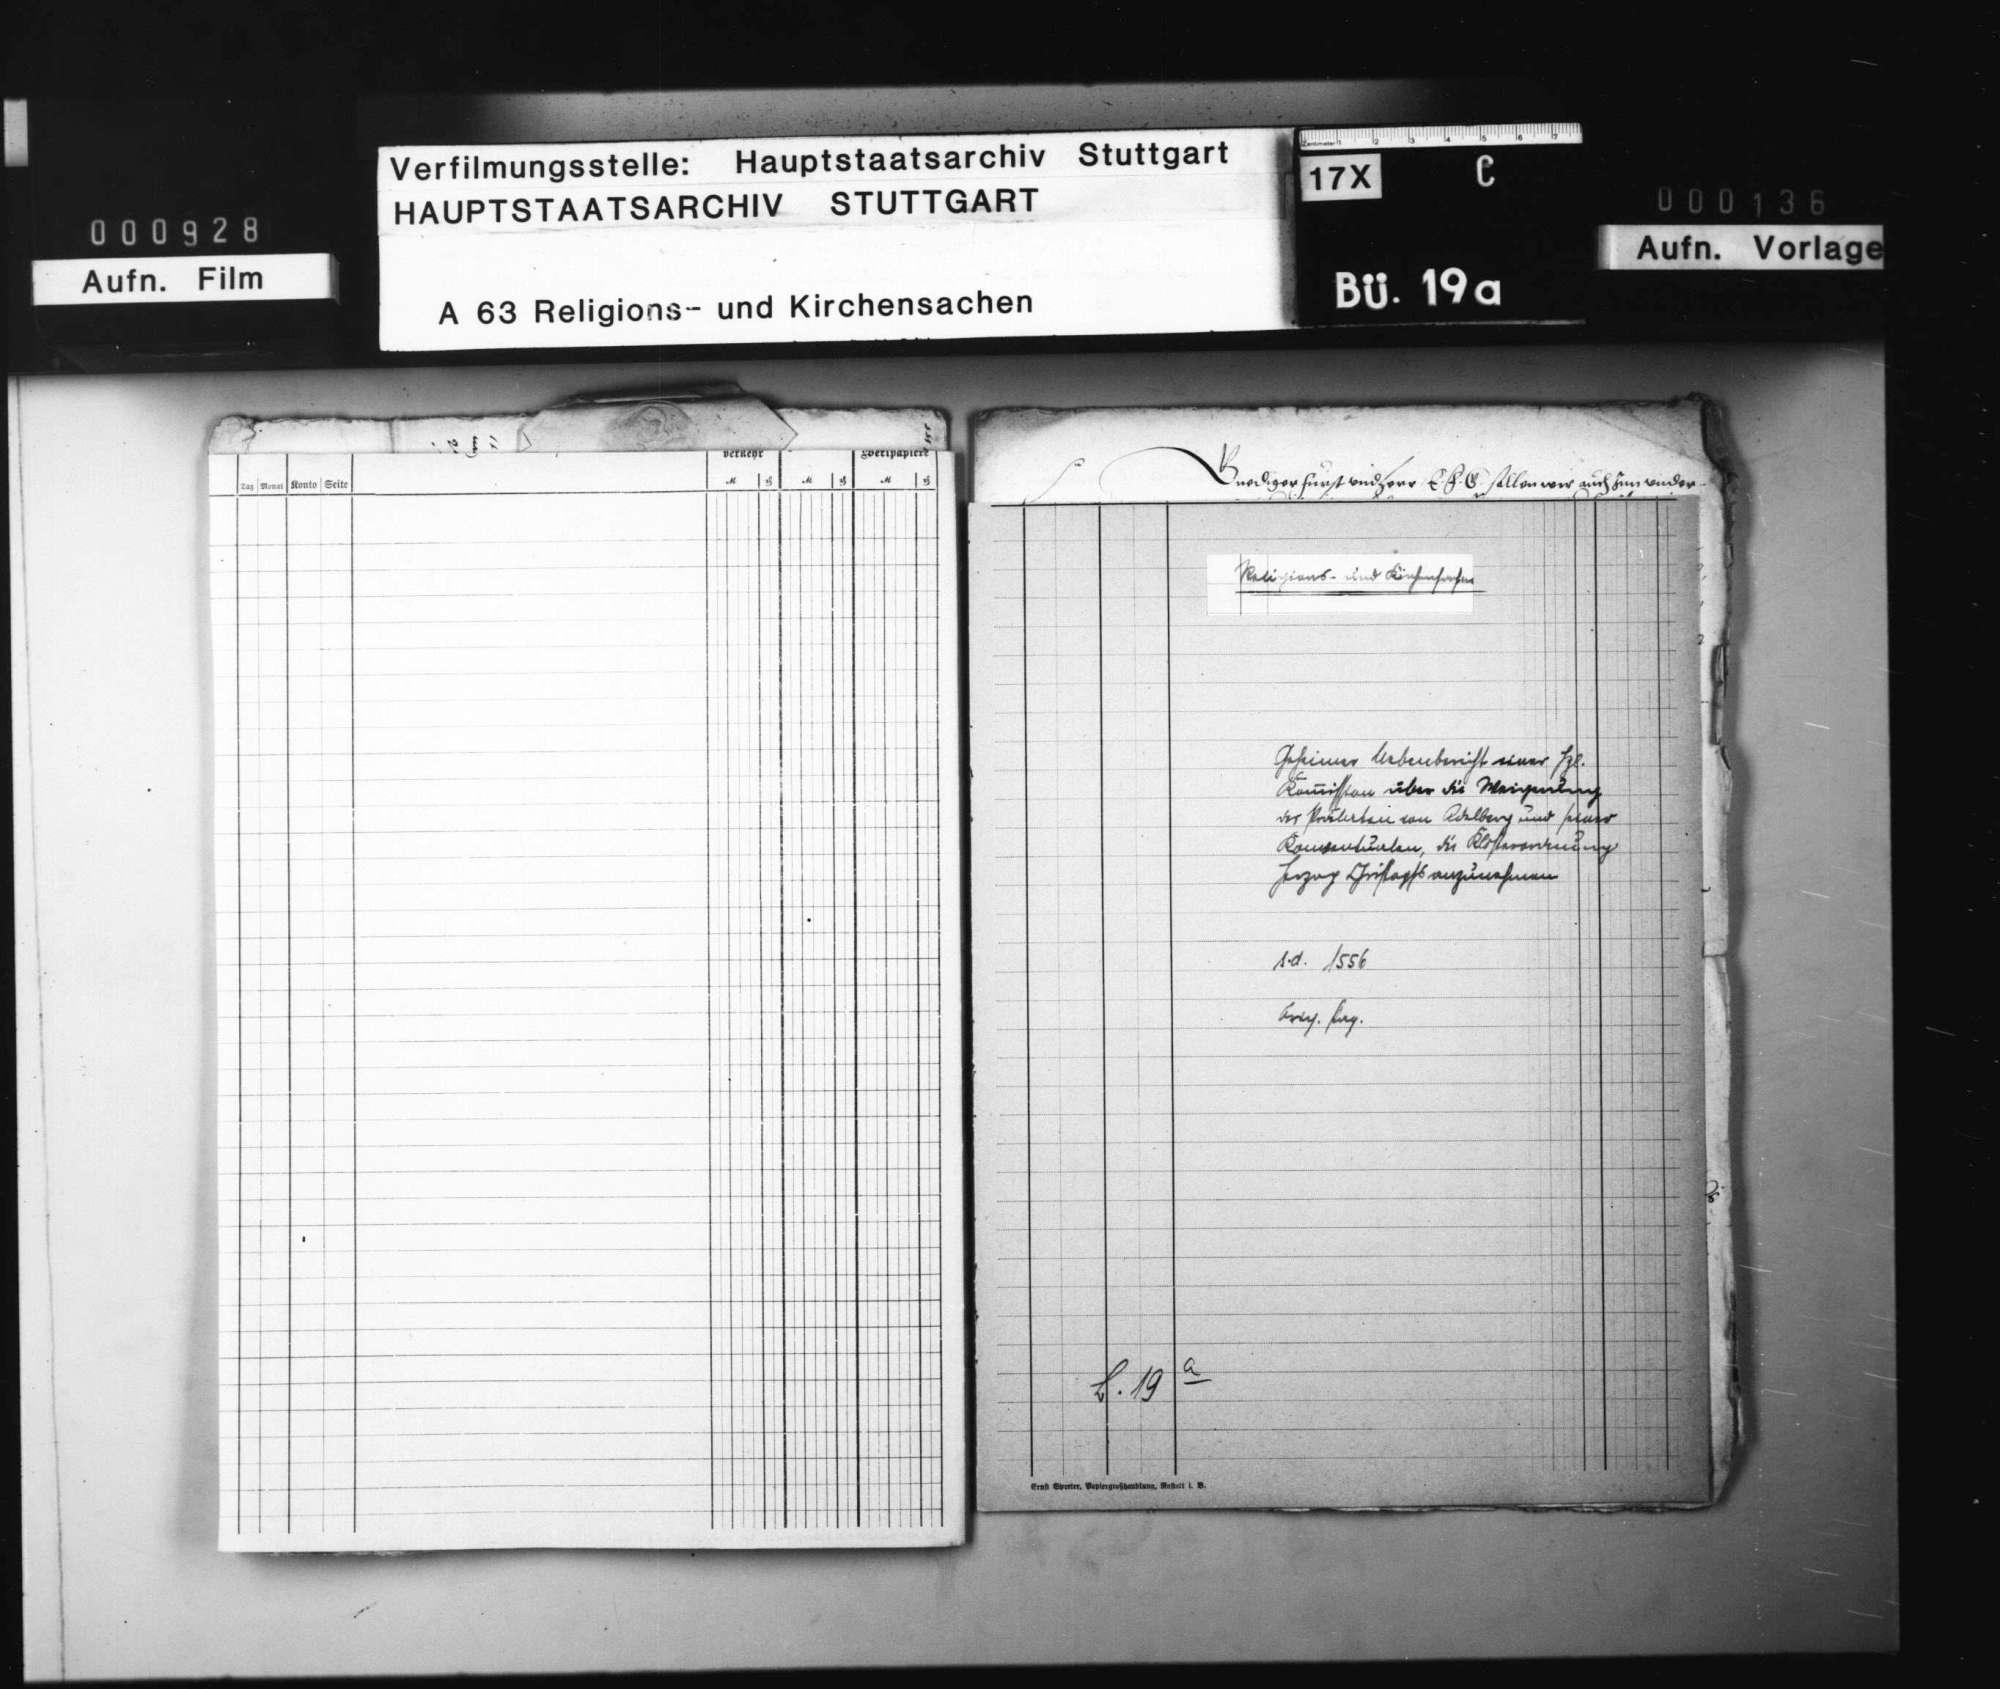 Geheimer Nebenbericht einer herzoglichen Kommission über die Weigerung des Prälaten von Adelberg und seiner Konventualen, die Klosterordnung Herzog Christophs anzunehmen. Original Papier., Bild 1